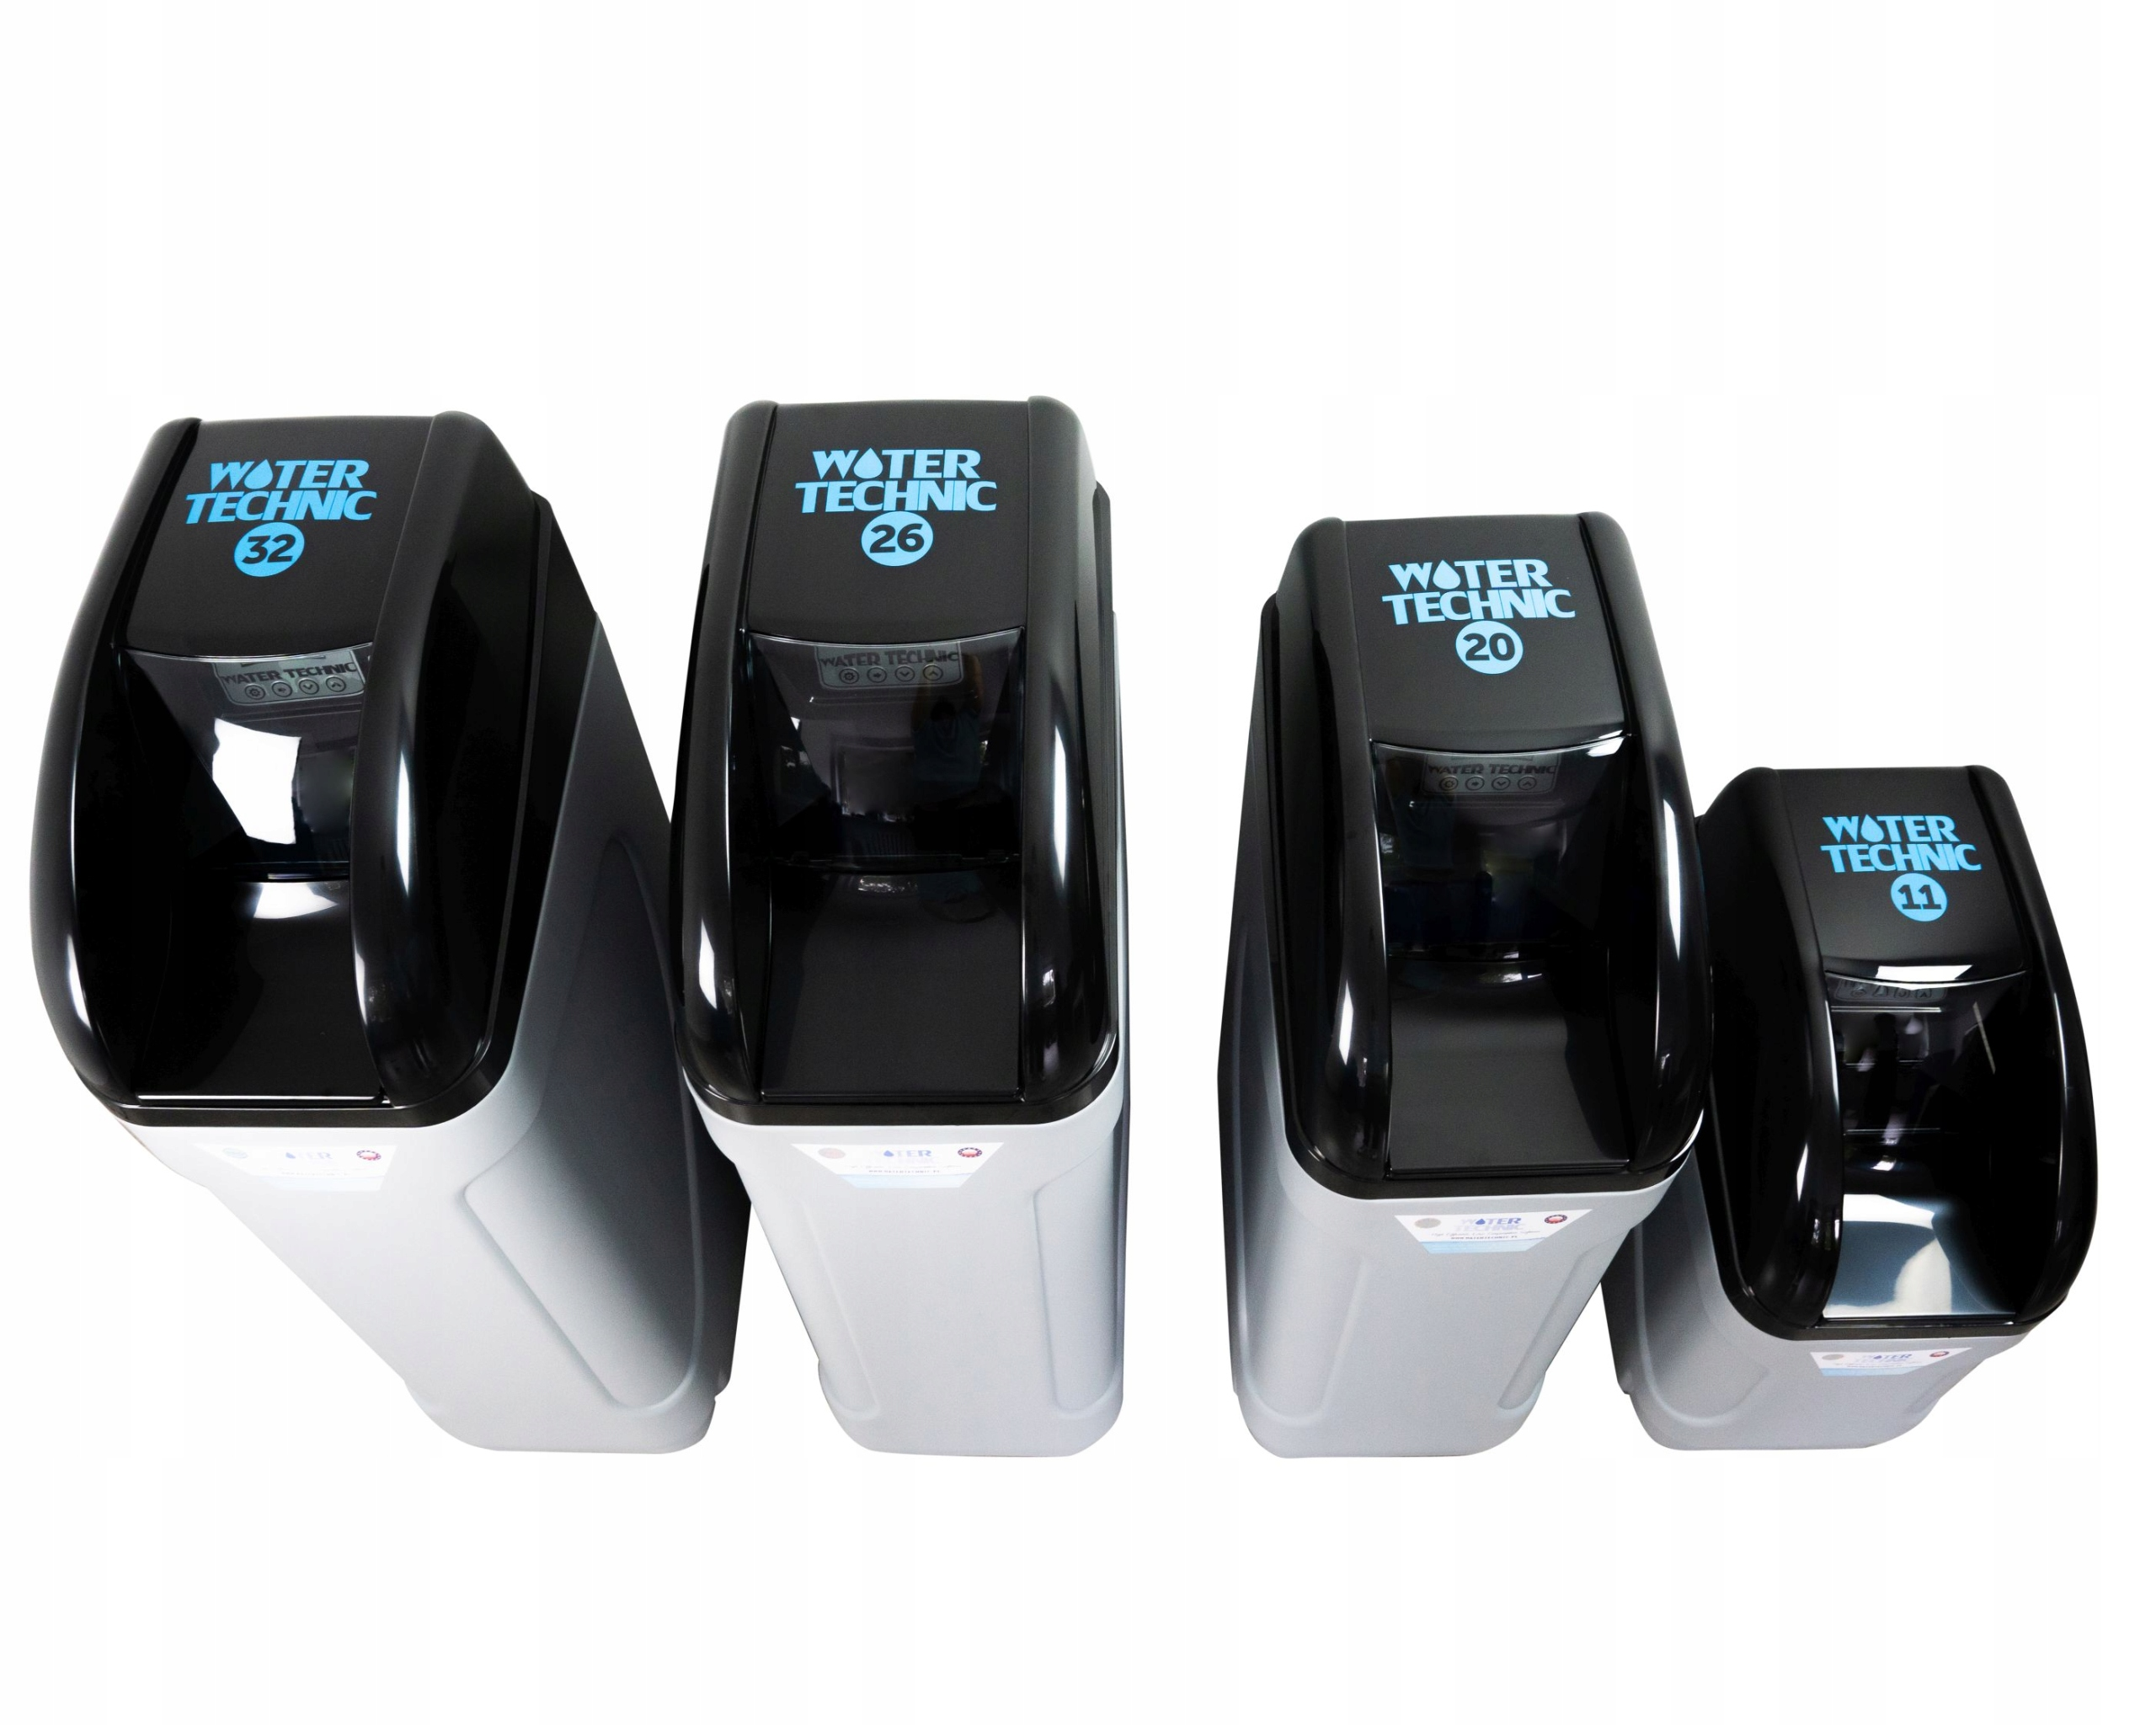 ZMIĘKCZACZ WODY WATER TECHNIC 11 SMART PACK UPFLOW Pojemność 11 l